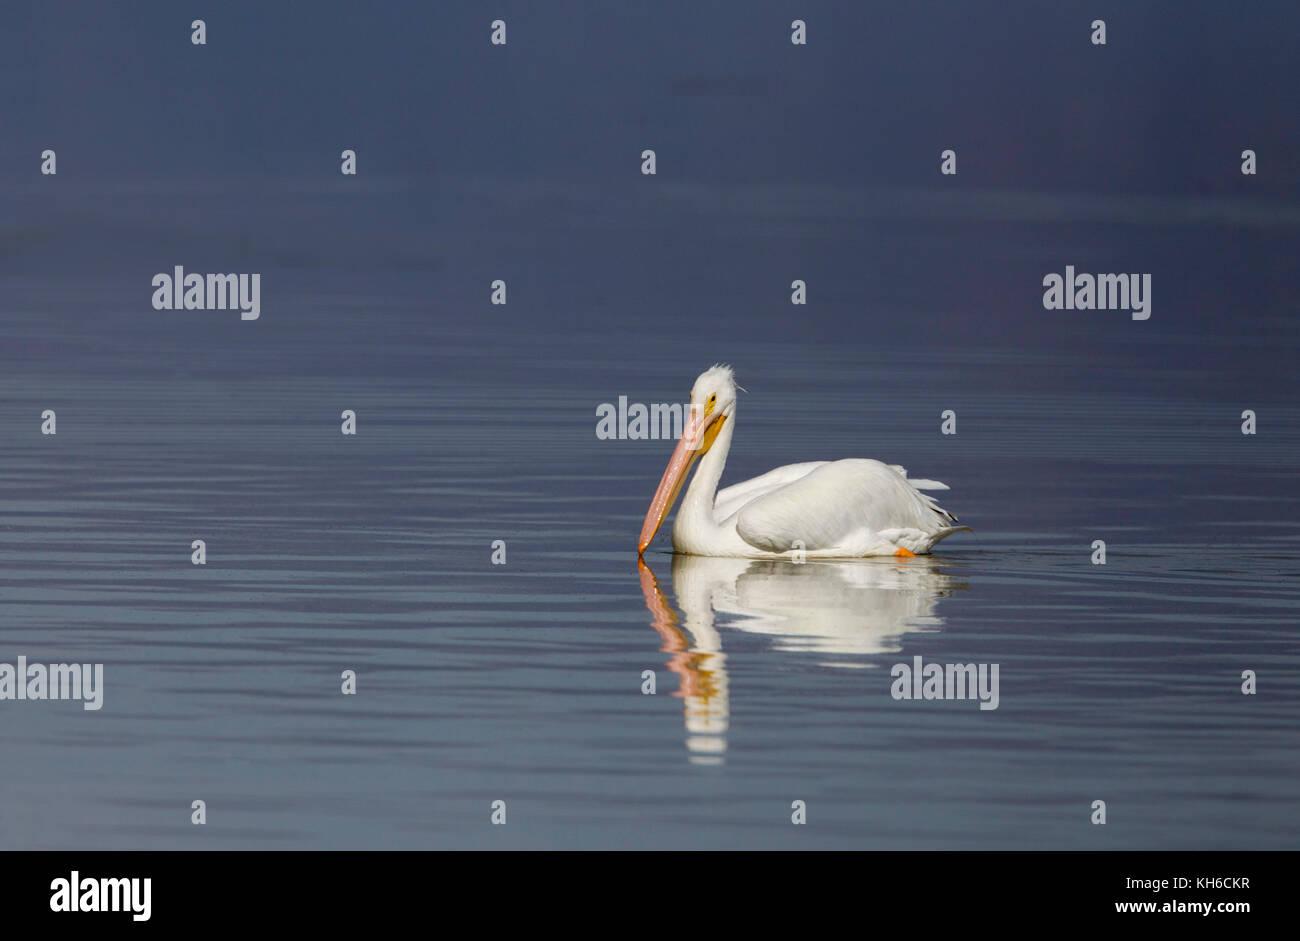 Le pélican blanc sur l'eau bleue Photo Stock